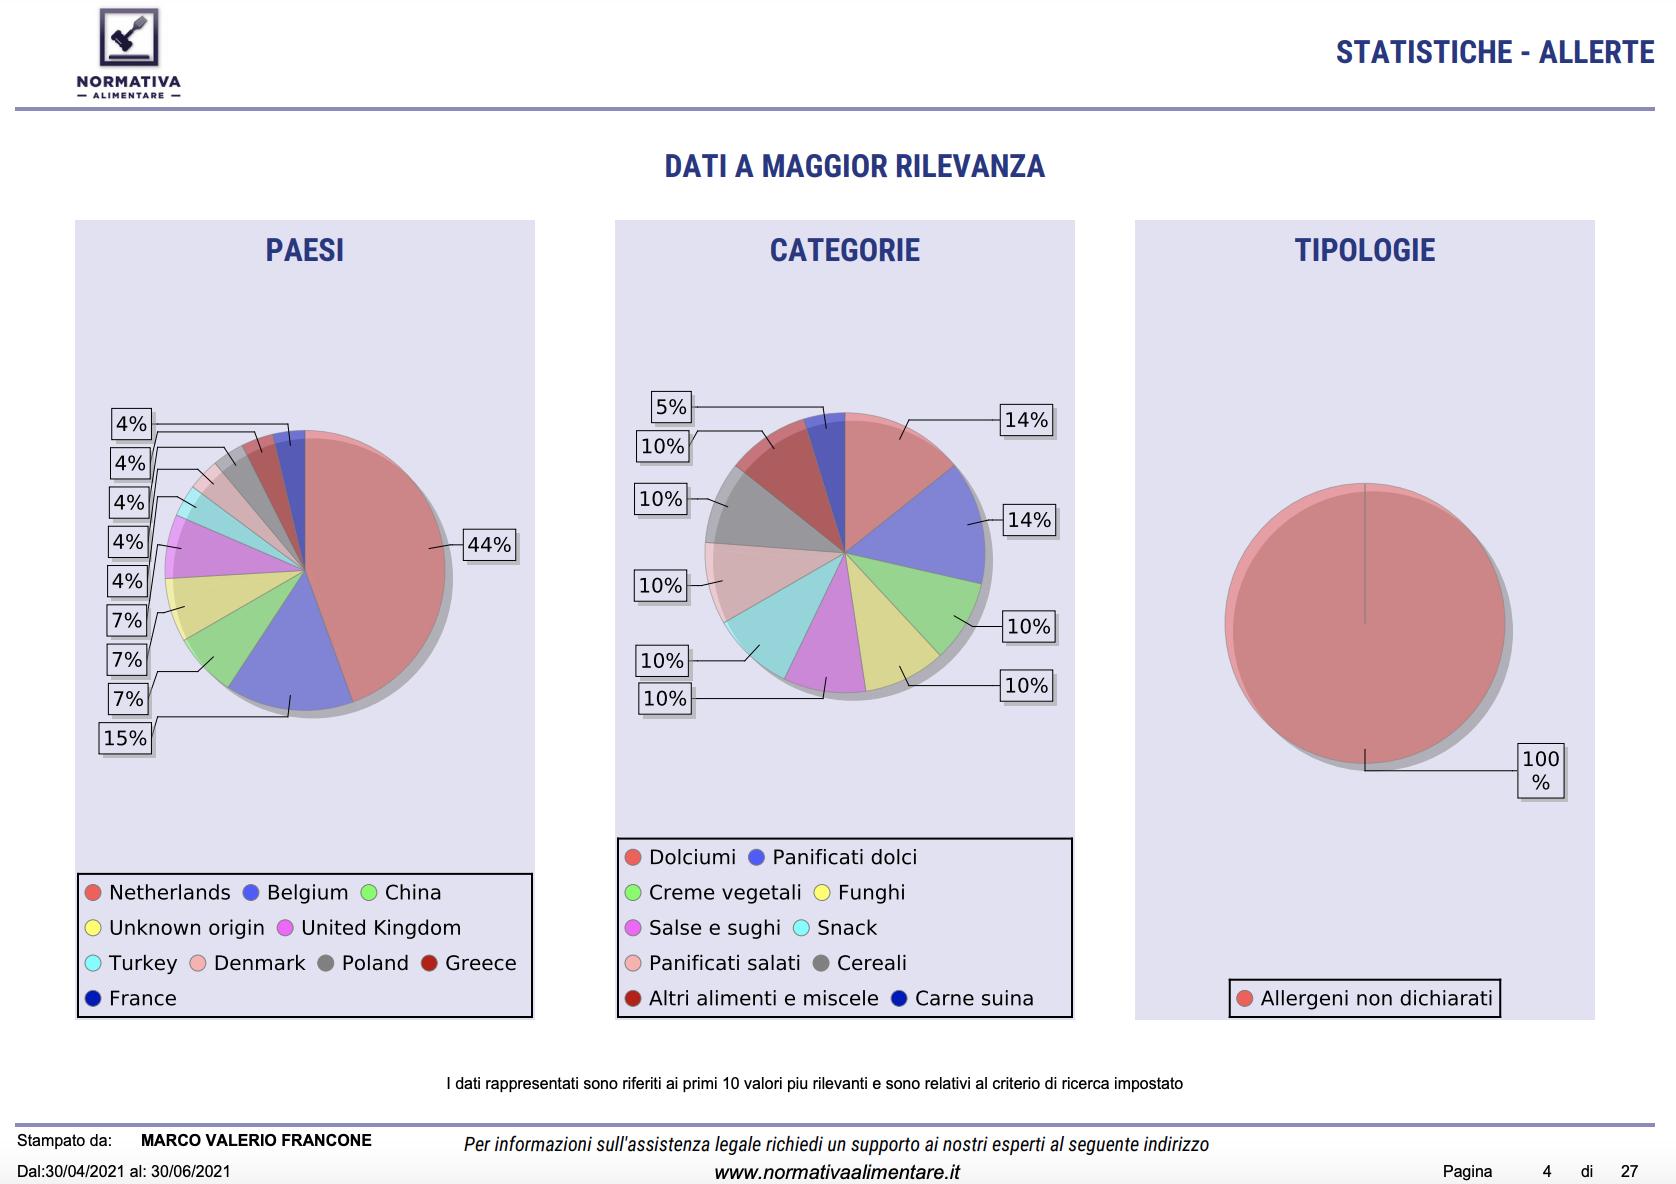 Statistiche Allergeni Normativa Alimentare Comolessiva